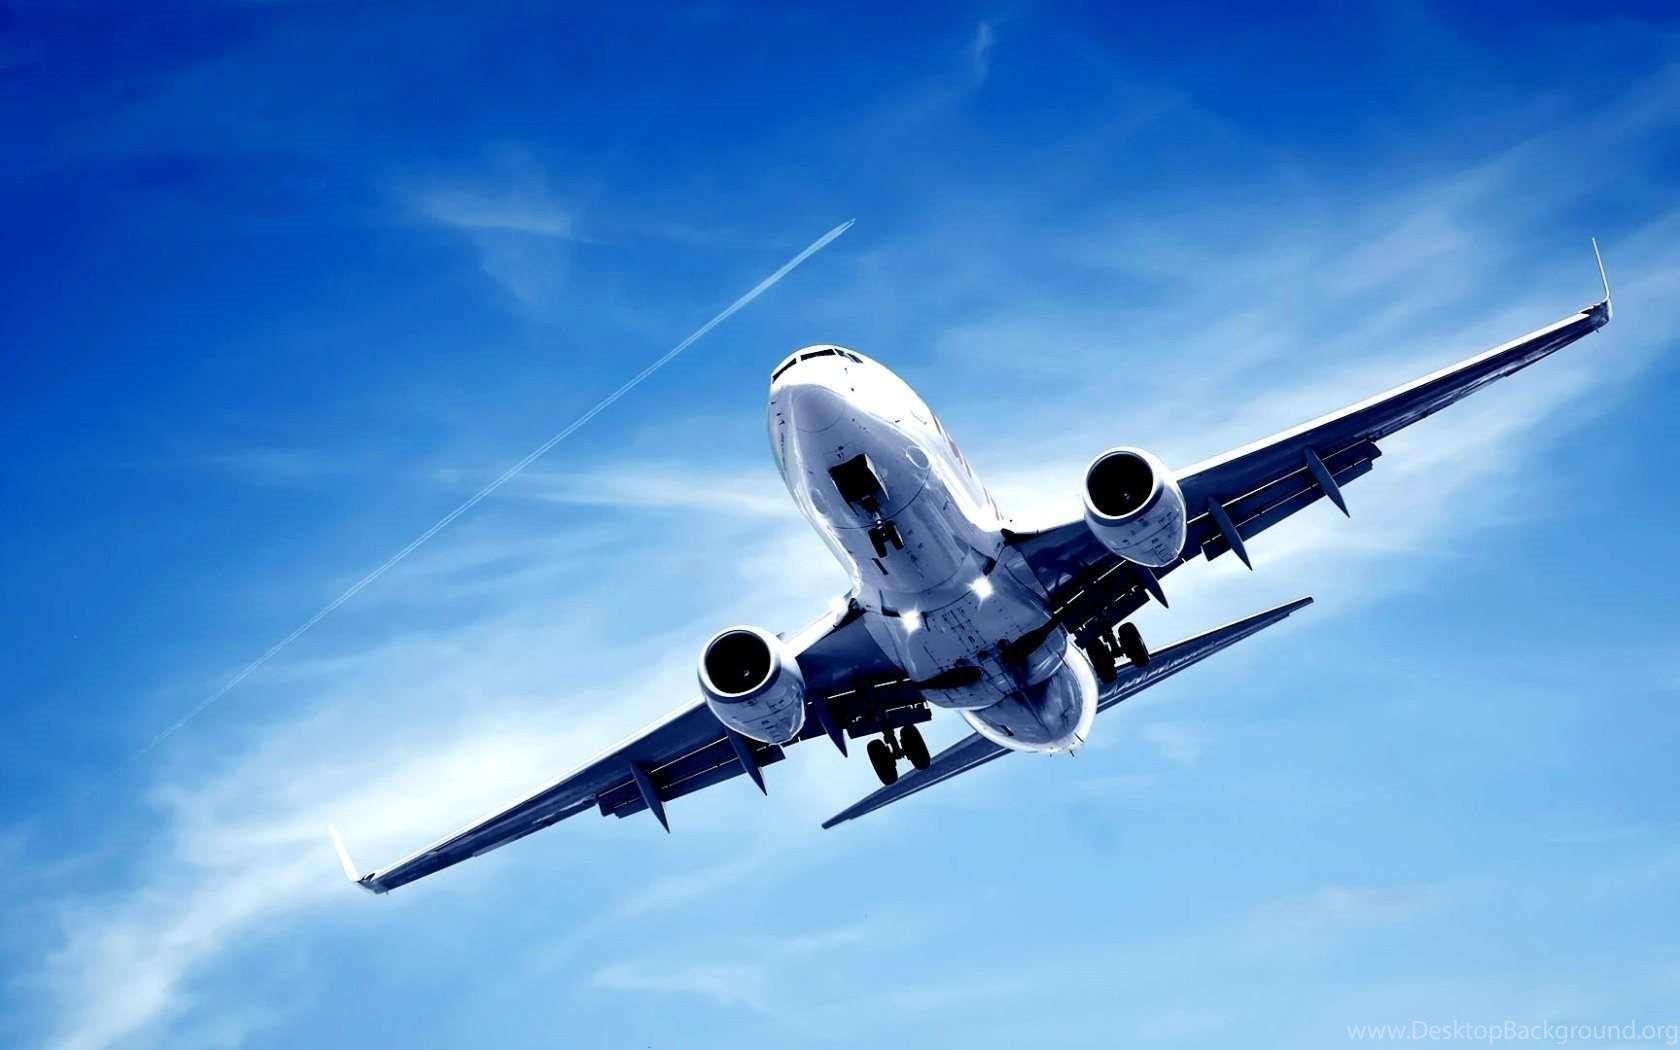 День гражданской авиации стихи, проза, смс 100